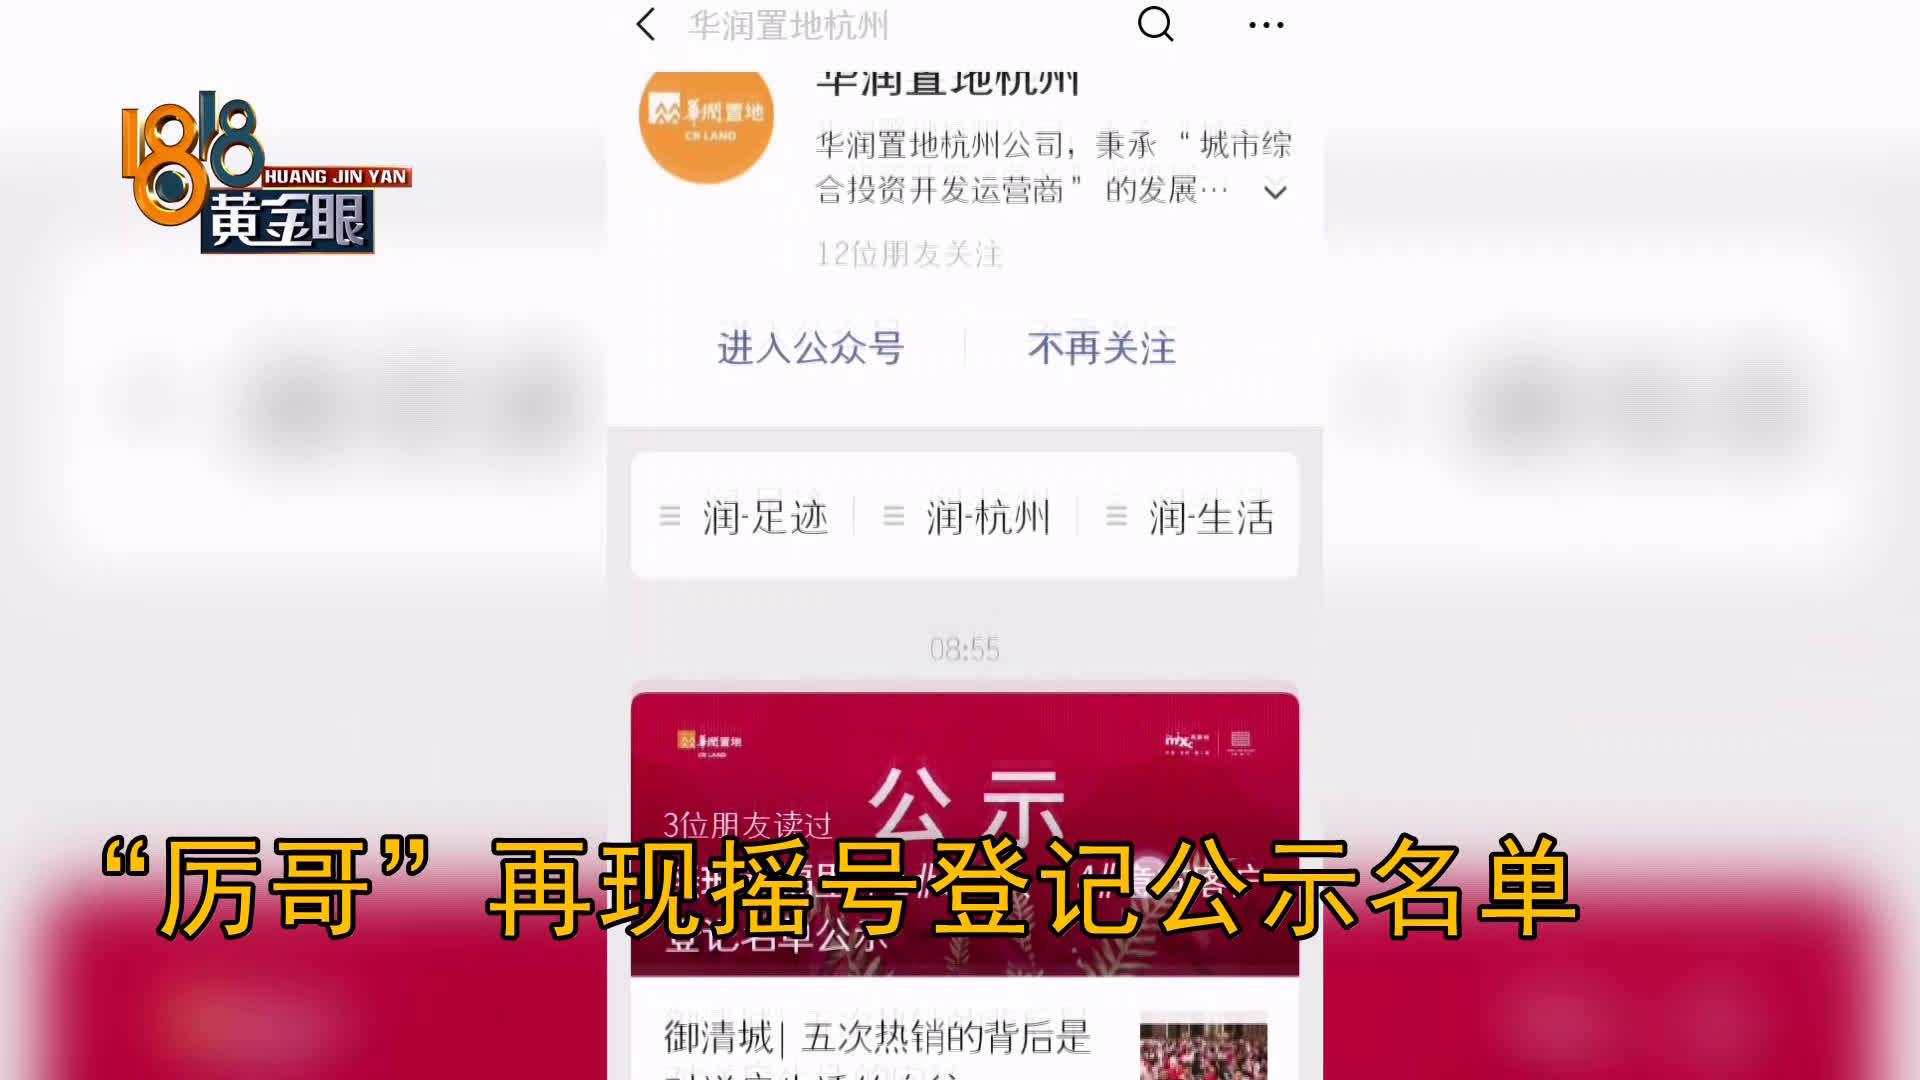 #杭州厉哥涉嫌干扰公证摇号# 名字又出现在新盘